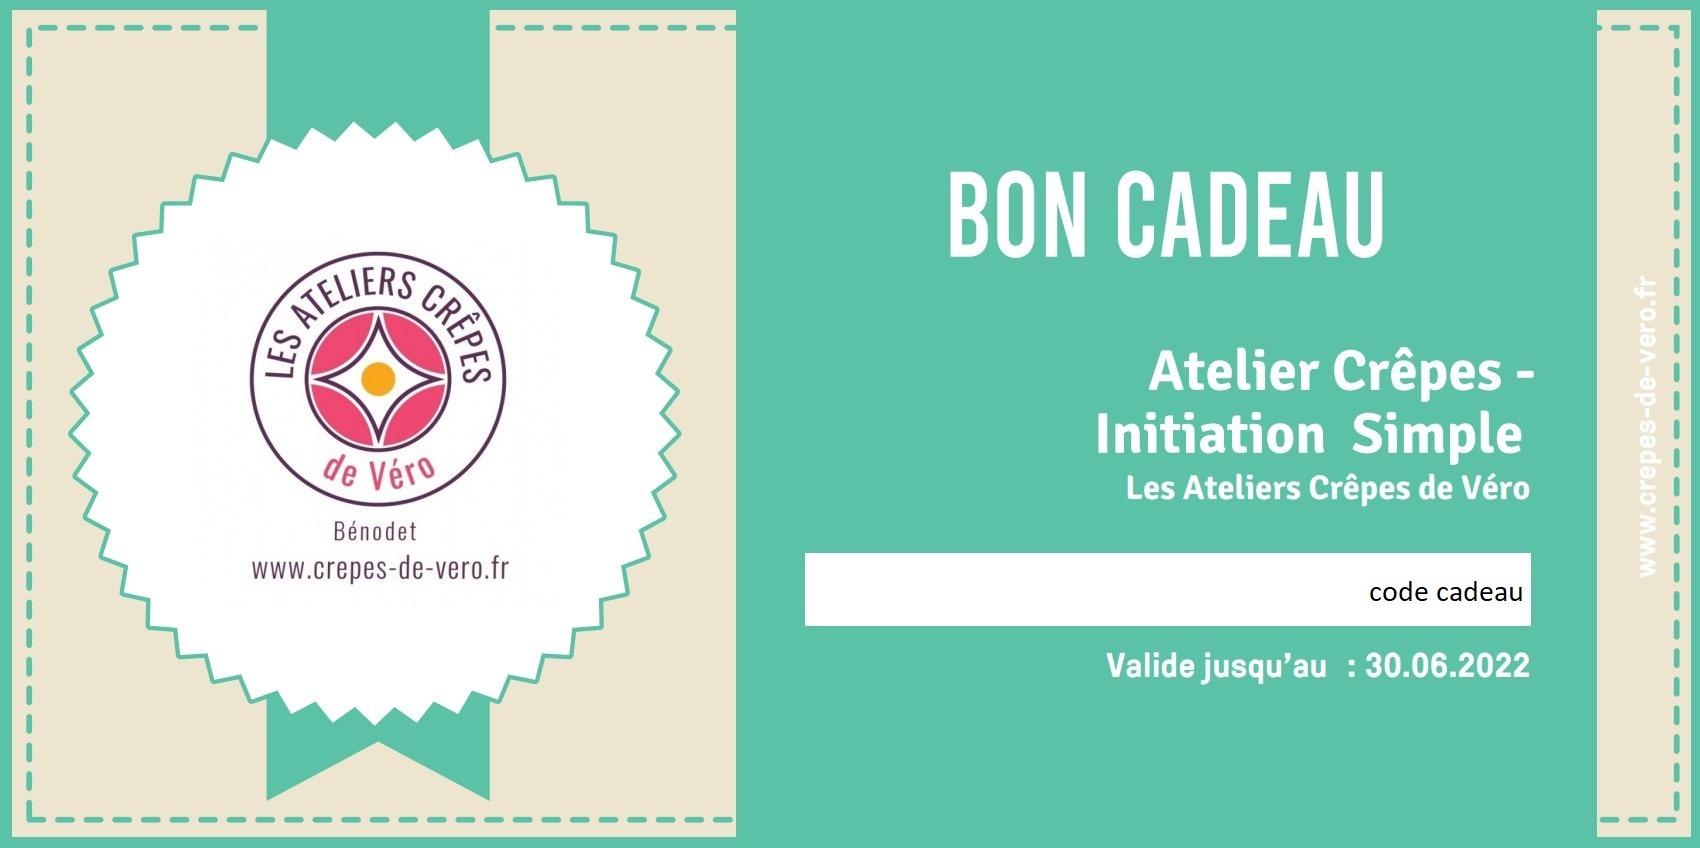 Carte cadeau d'un atelier crepes Initiation simple aux ateliers crepes de vero à benodet en bretagne sud